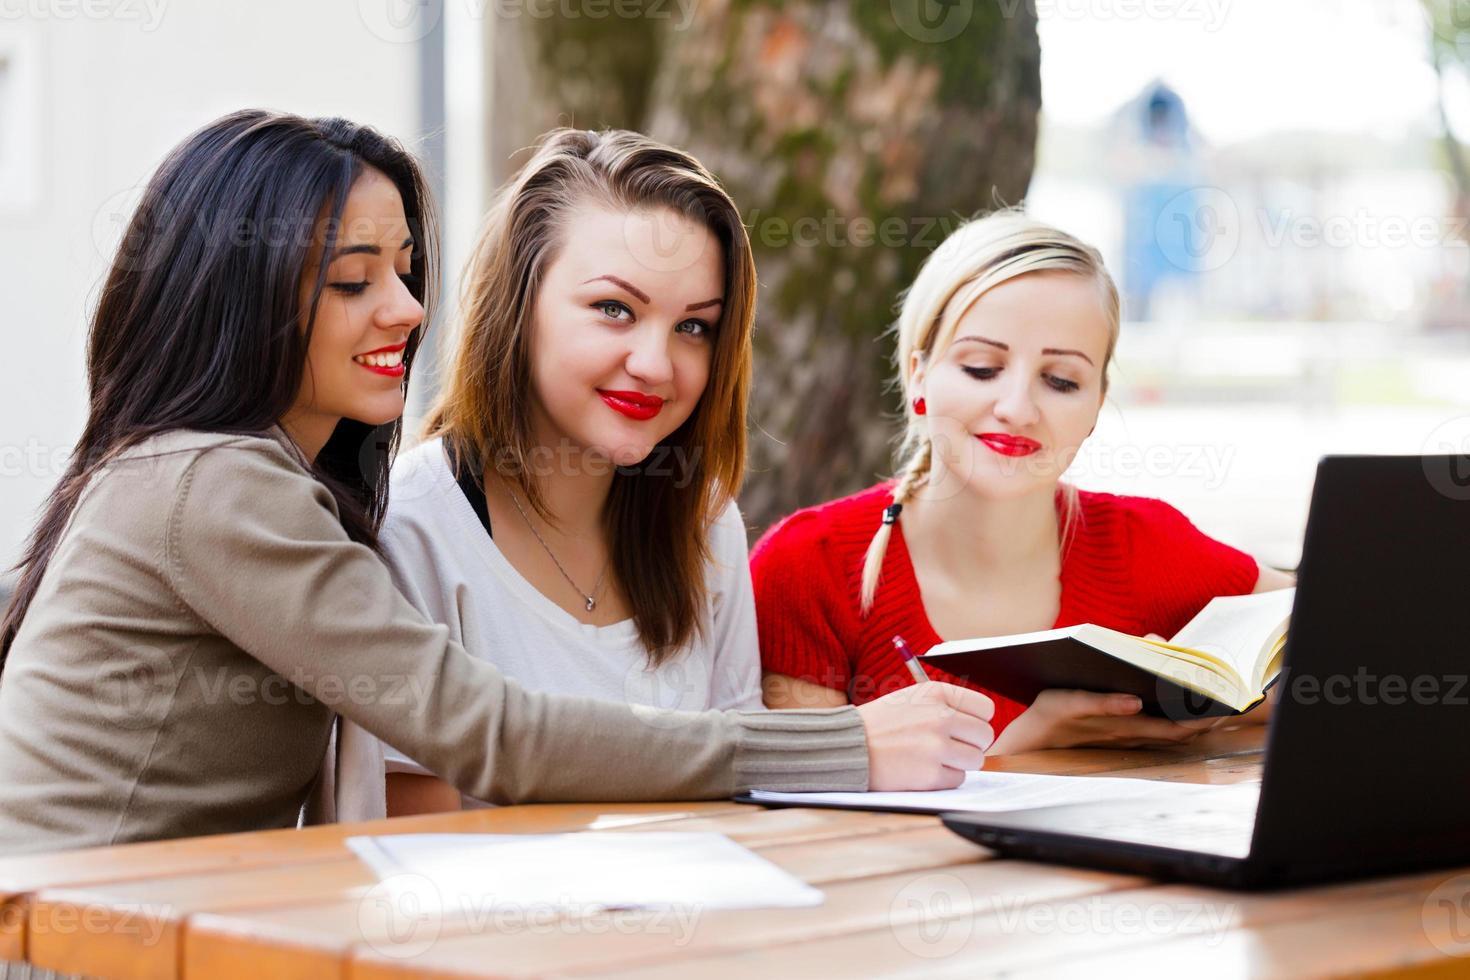 mejores amigos estudiando foto